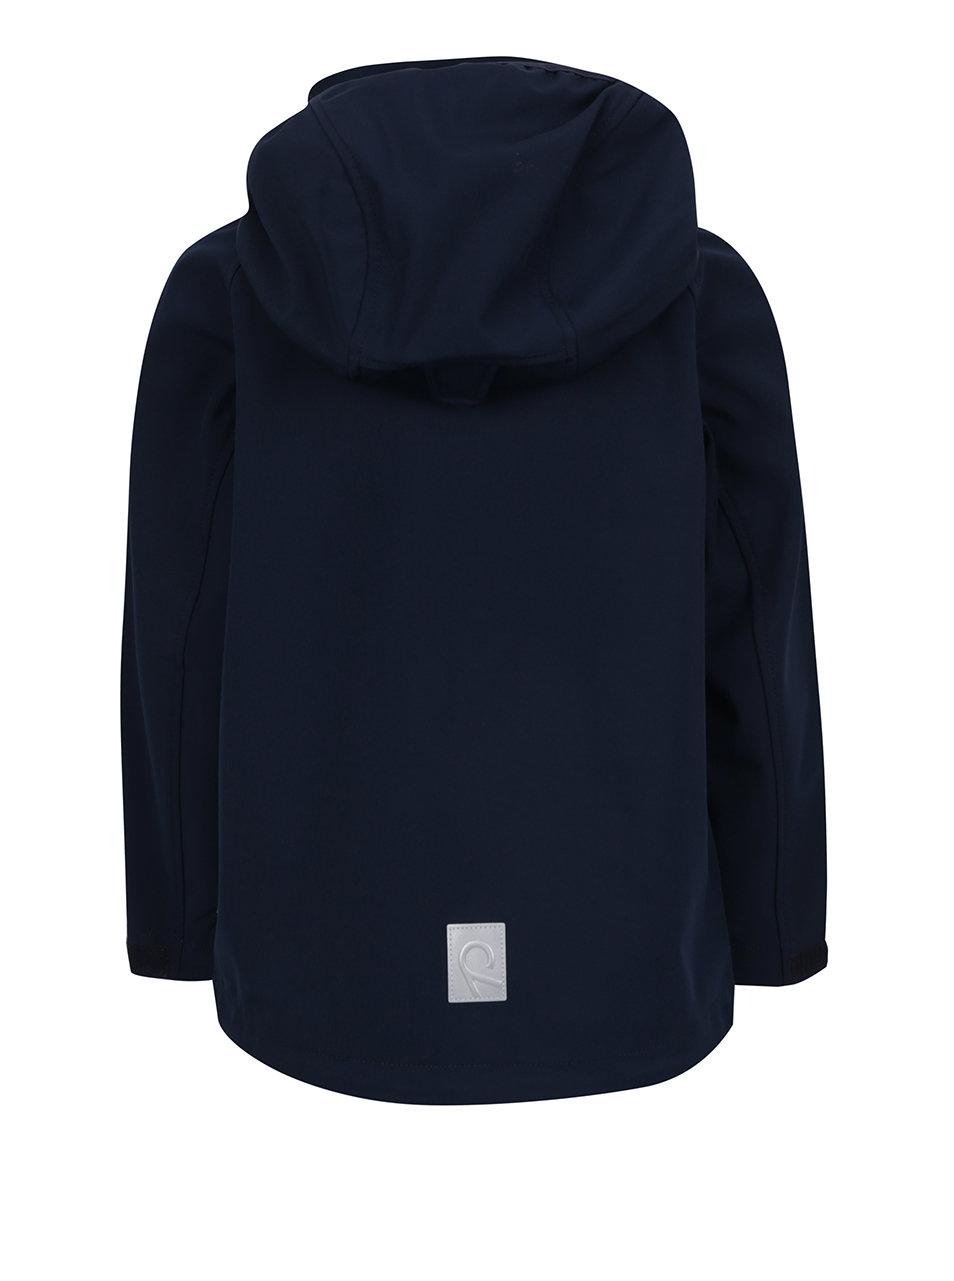 8595a2876b91a Modrá chlapčenská softshellová vodeodolná funkčná bunda Reima Hatch ...